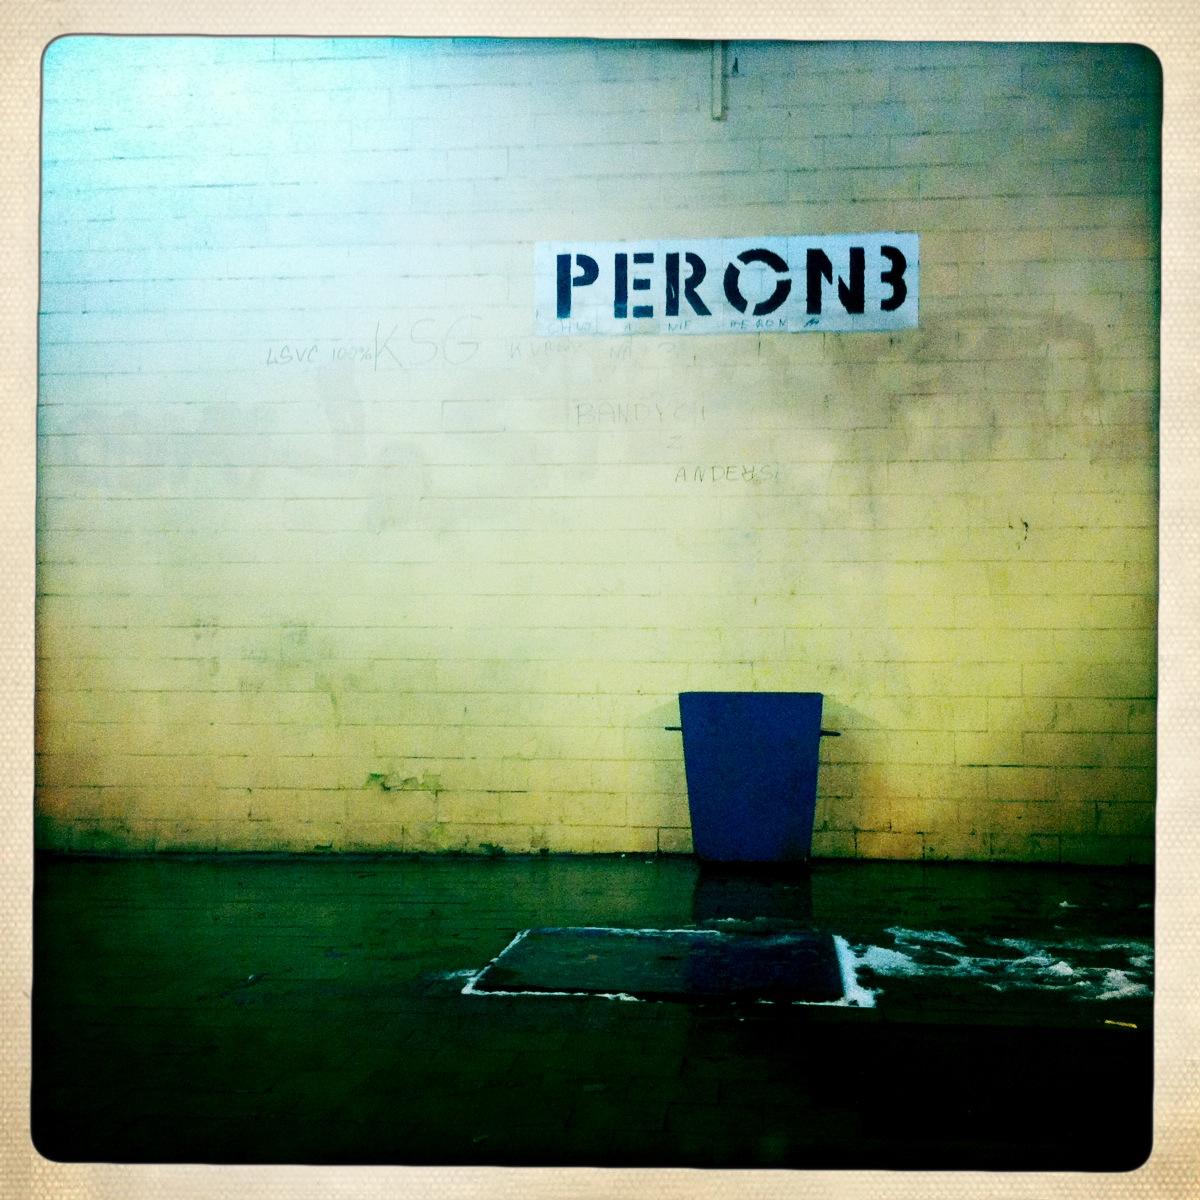 Waldemar Hauschild, Peron 3 (zdjęcie udostępnione przez organizatora)